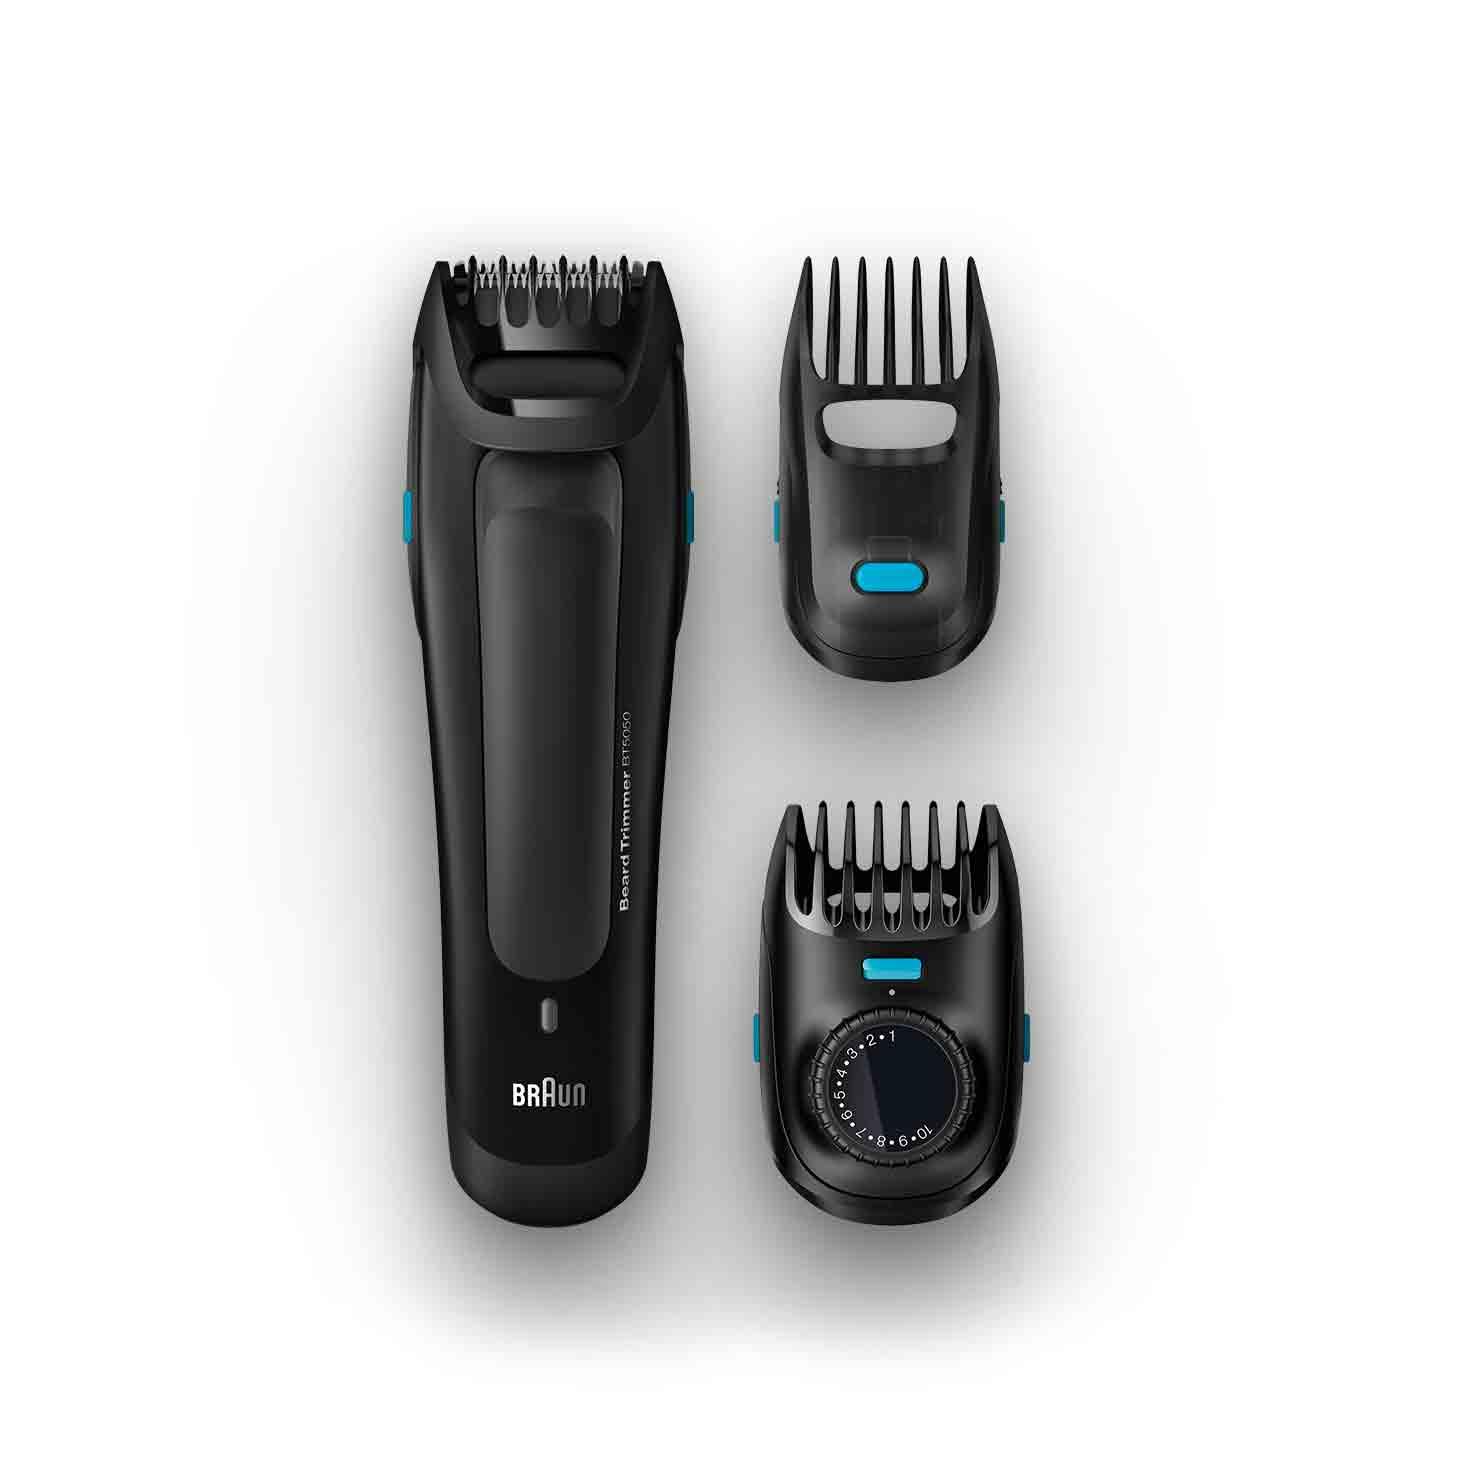 Braun Beard Trimmer Bt5050 For A Perfect Style Braun Ca